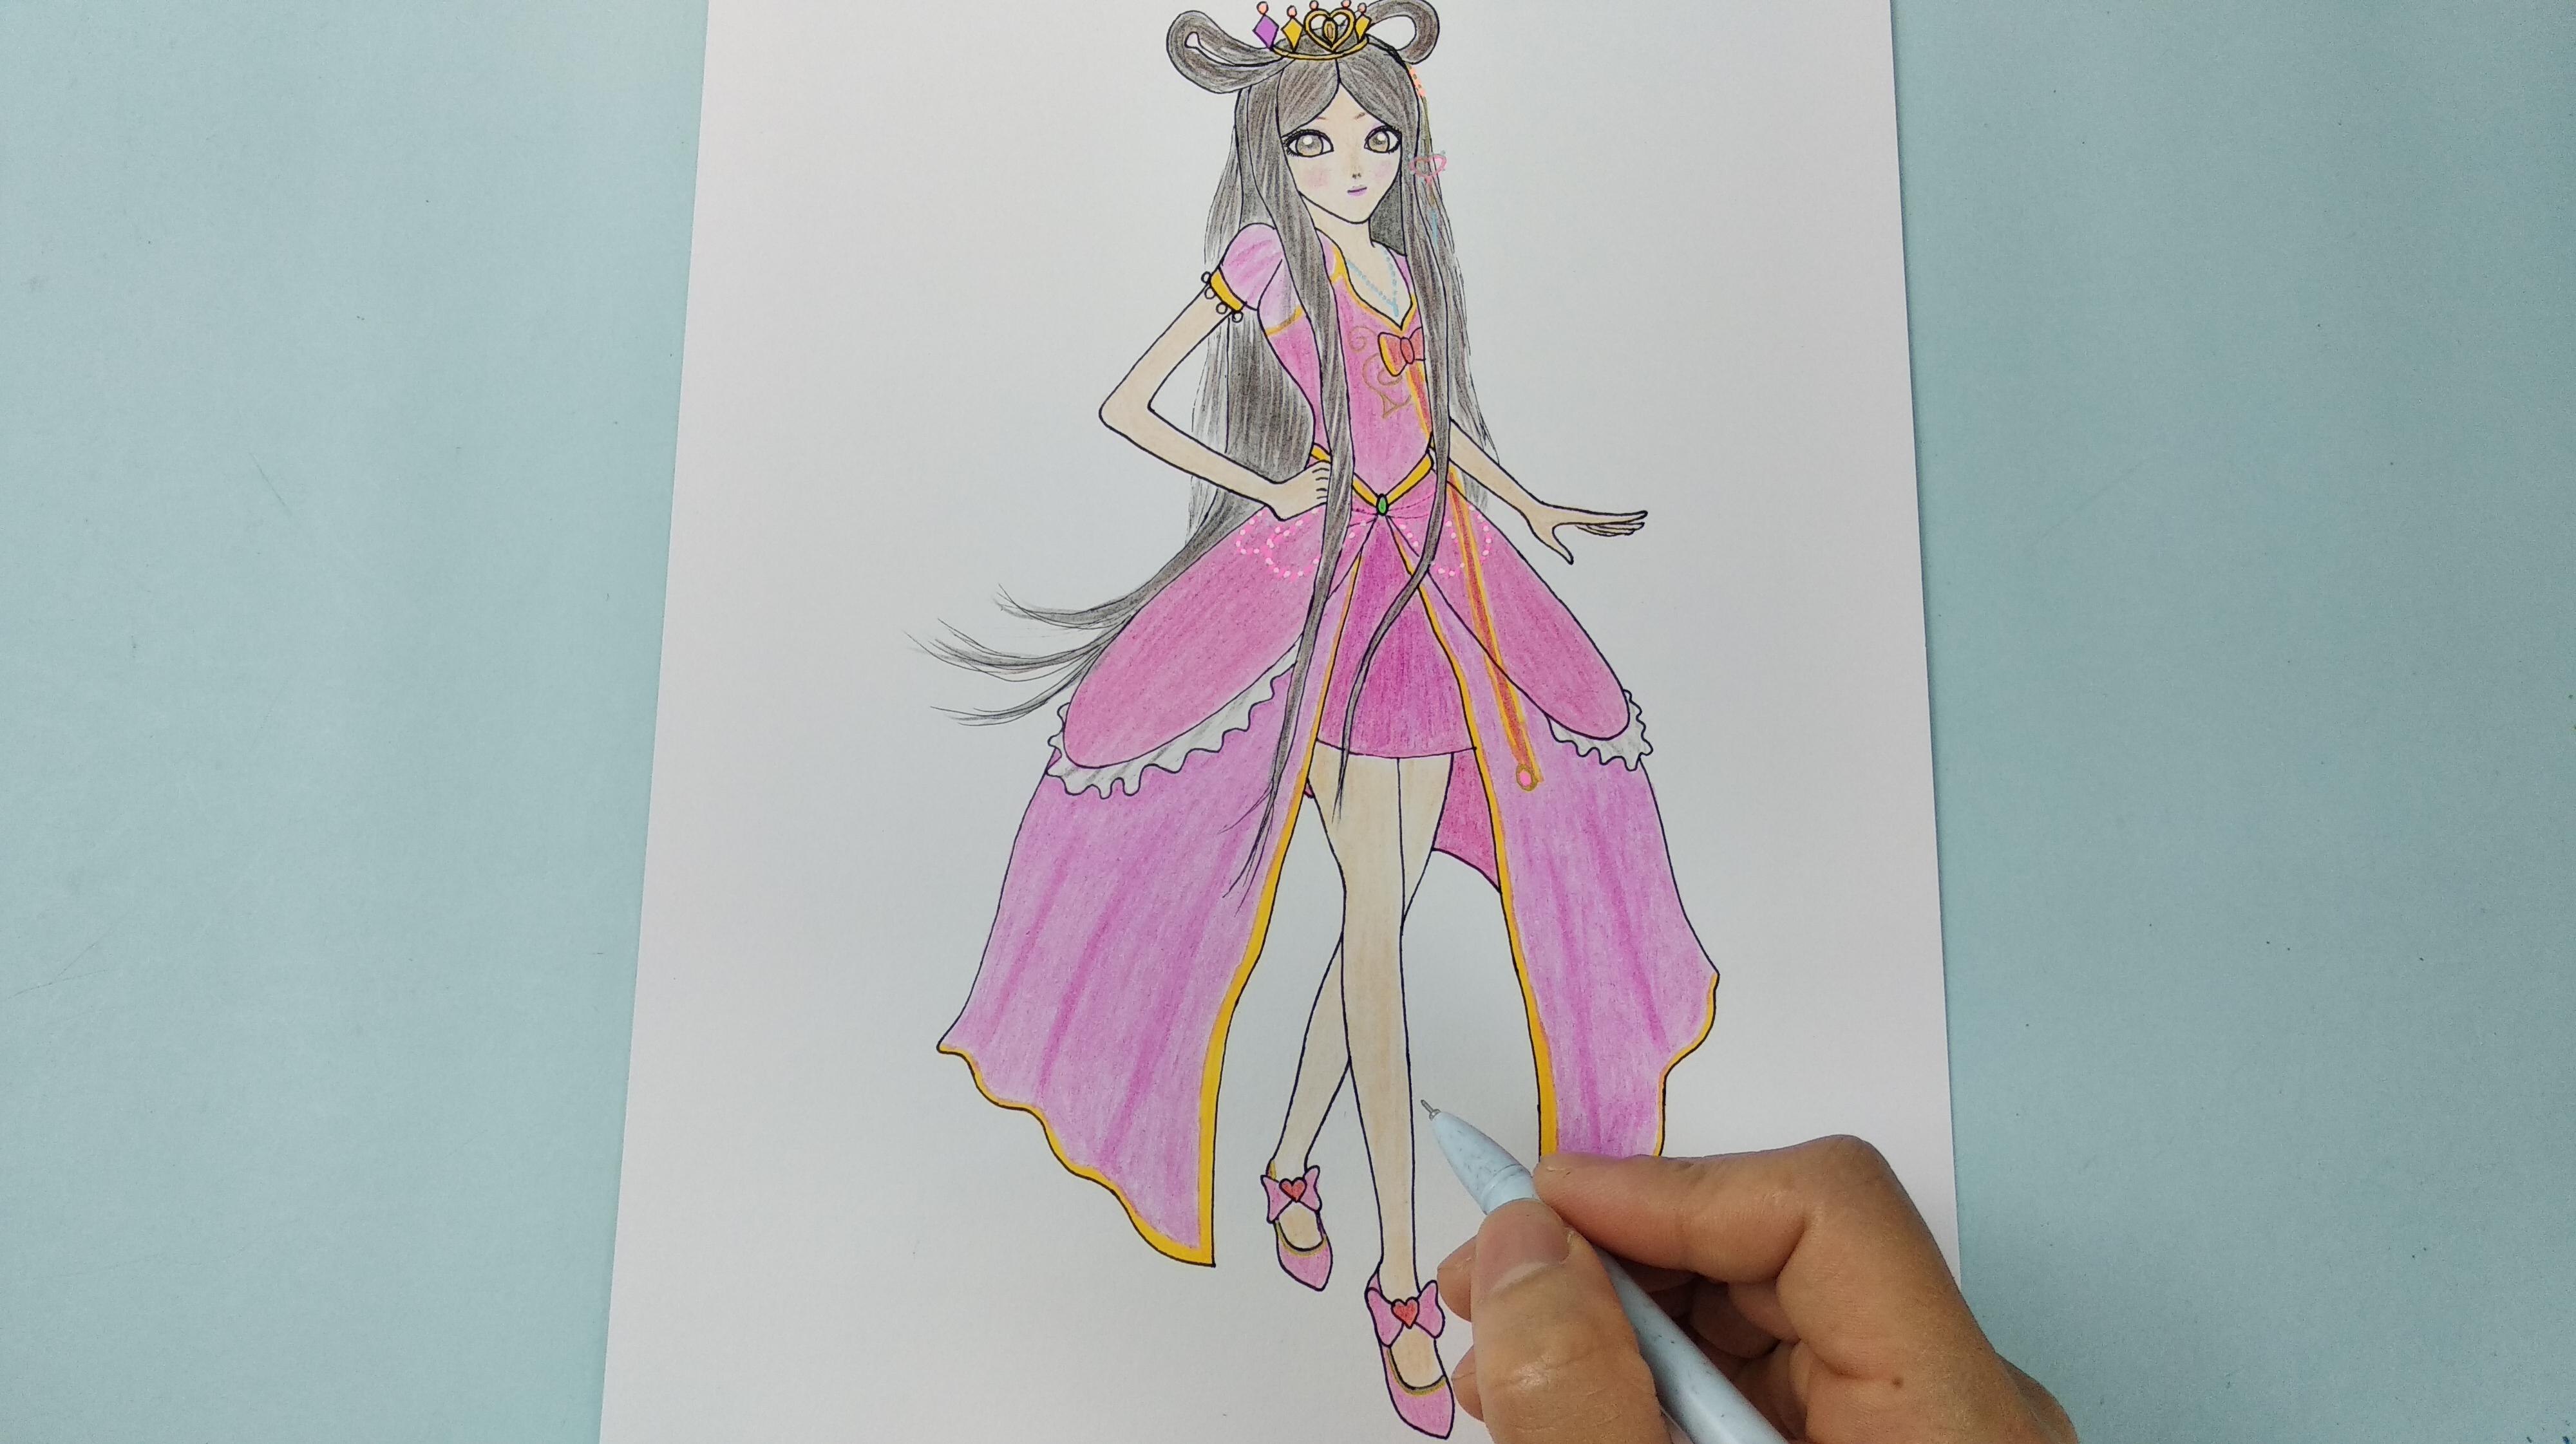 精灵梦叶罗丽简笔画怎么画图片